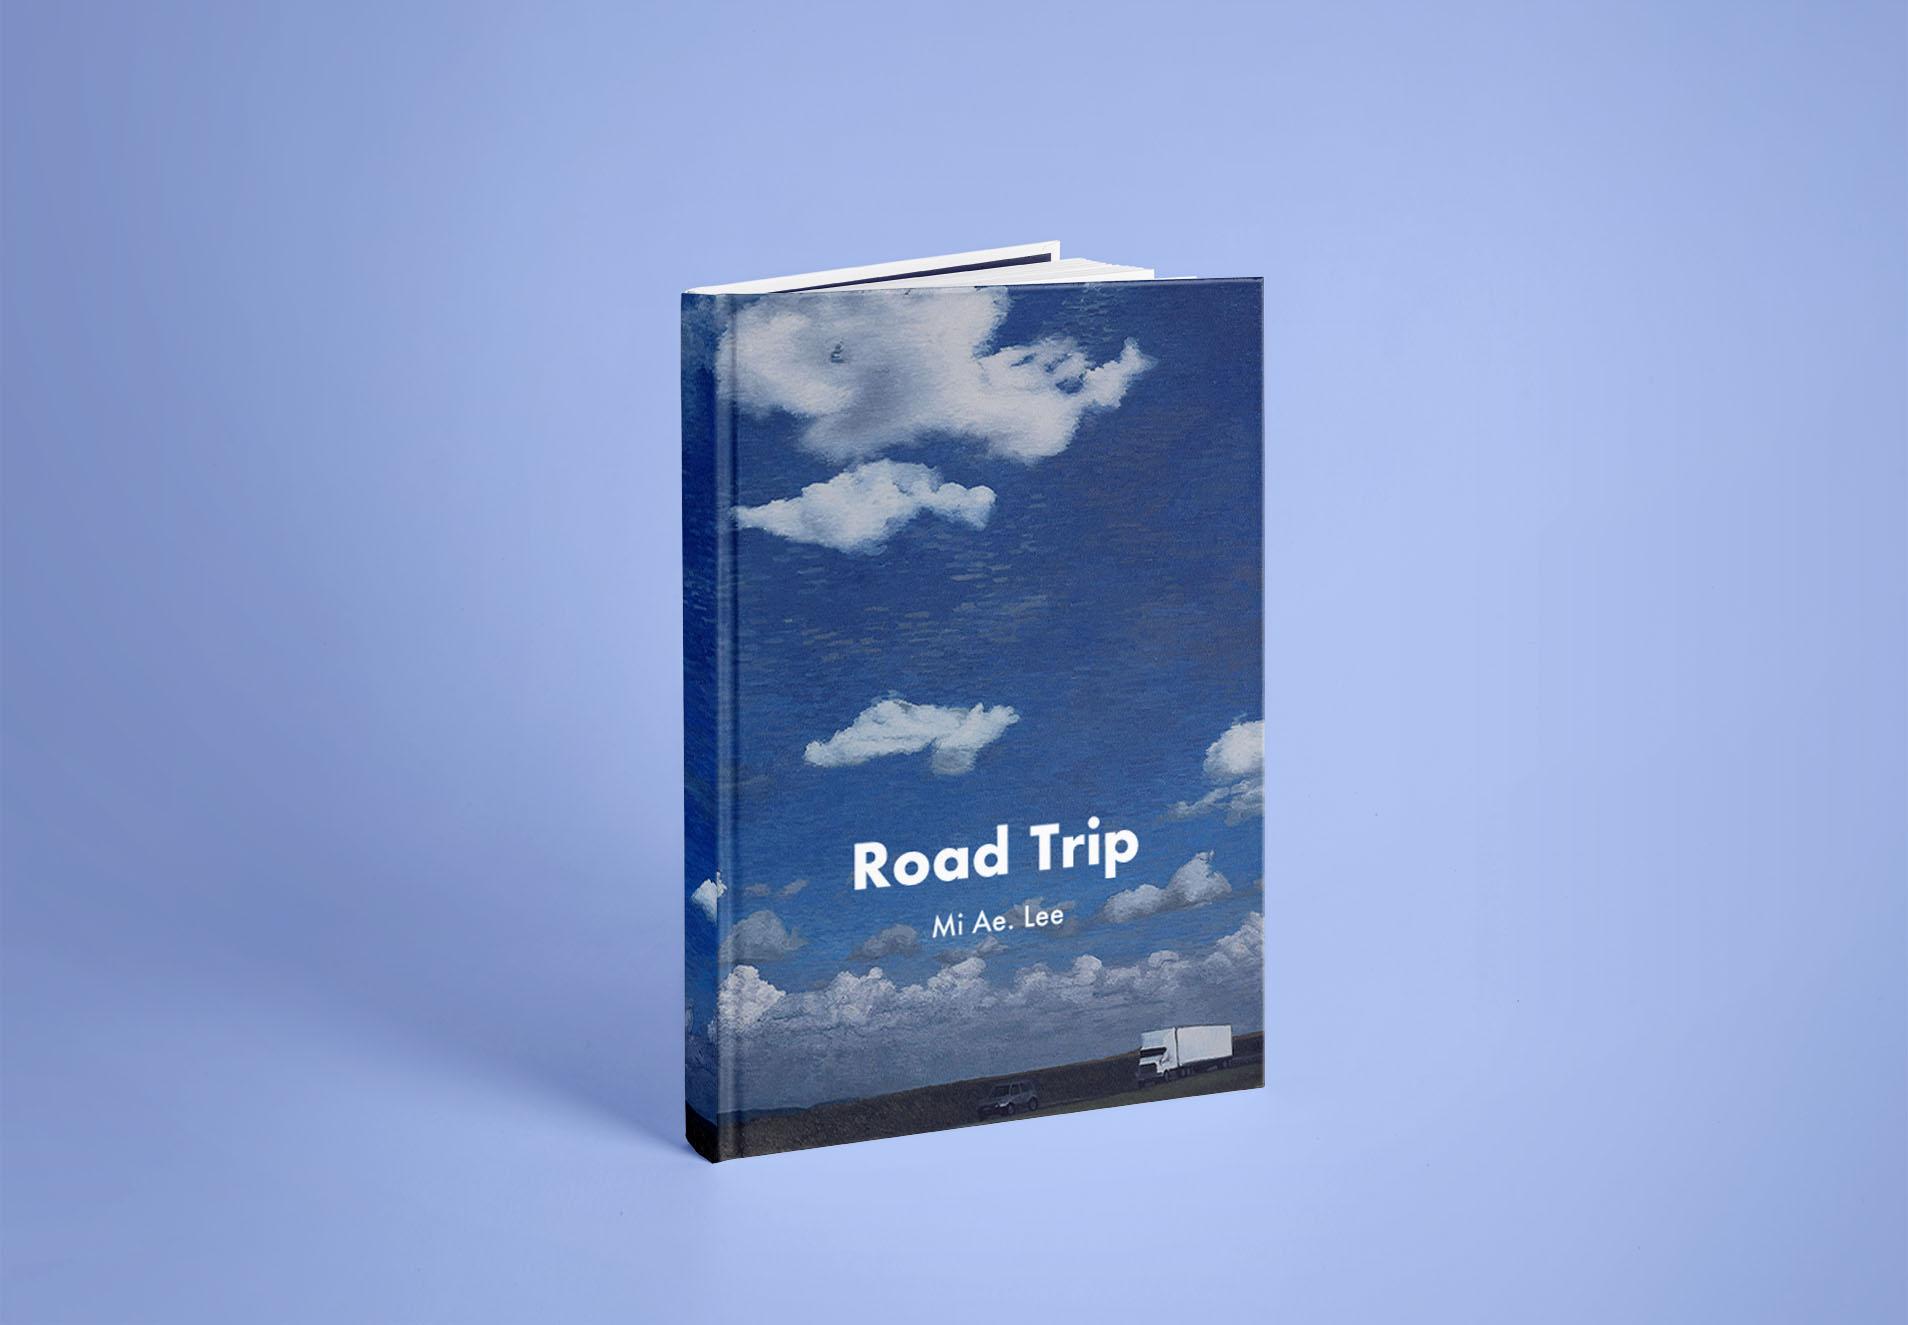 Mi Ae. Lee <Road Trip>